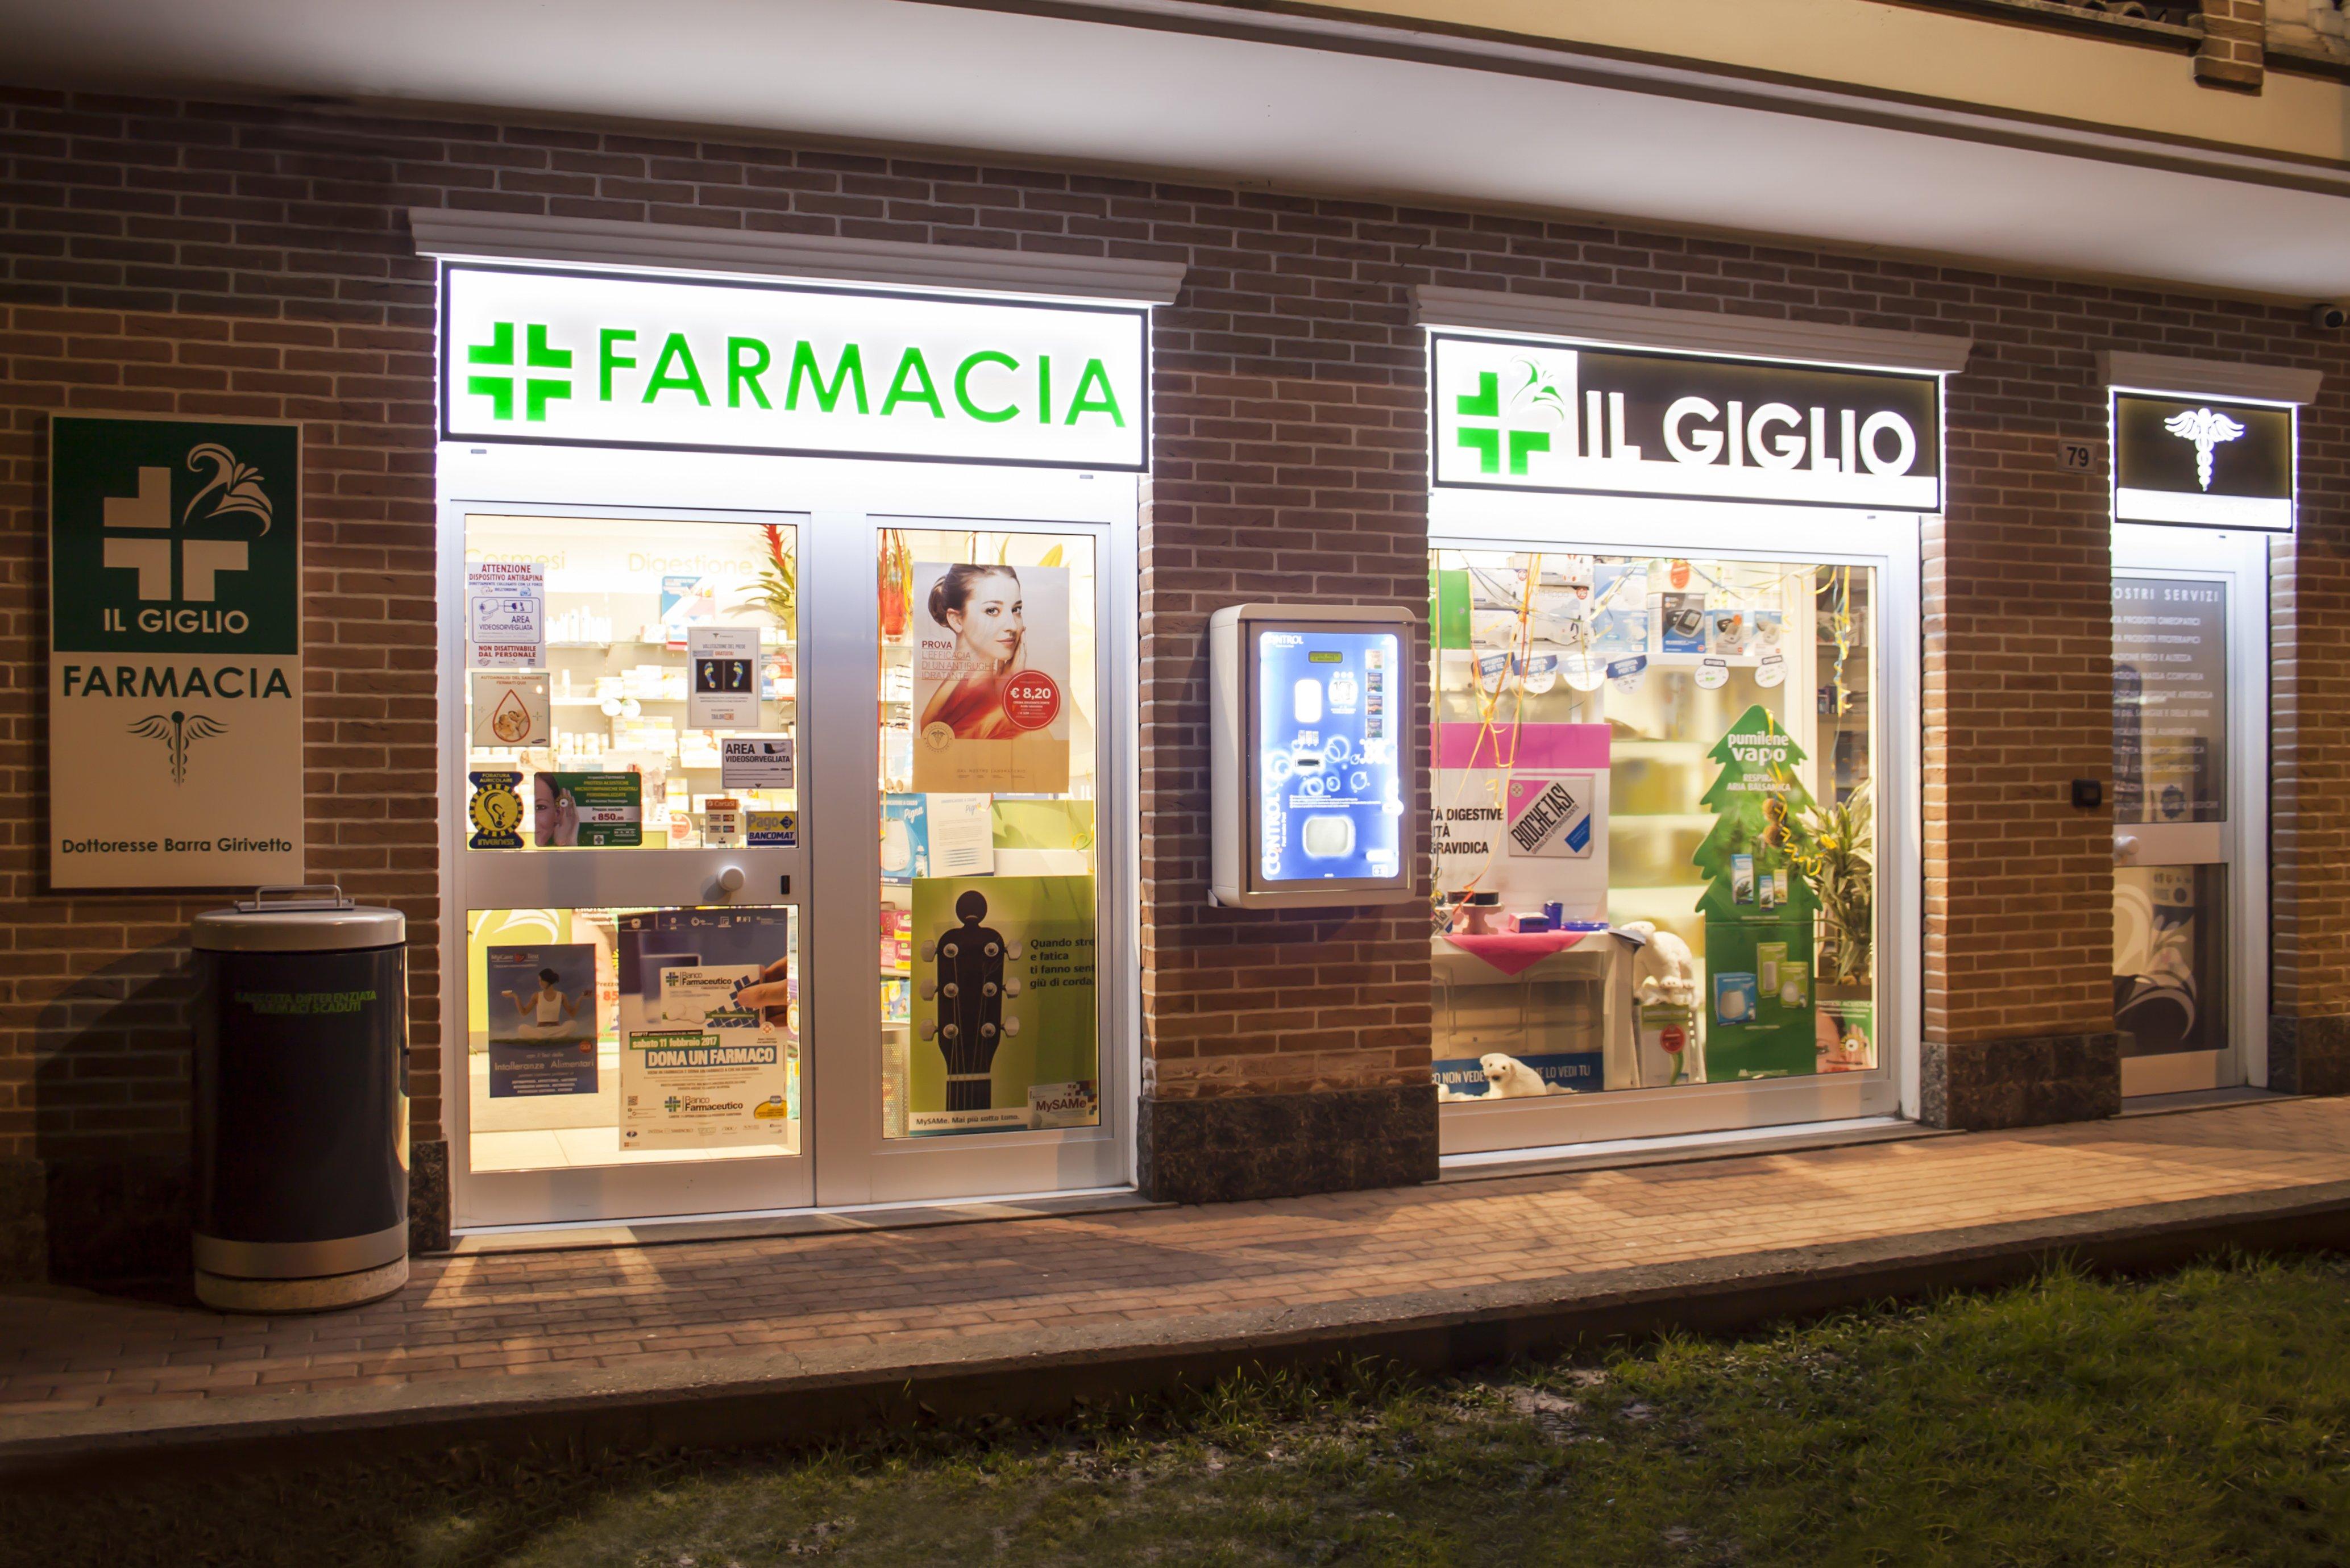 Entrata della farmacia vista dall'esterno con due vetrine e macchinetta ventiquattro ore per sistemi contraccettivi a Caselle Torinese, TO